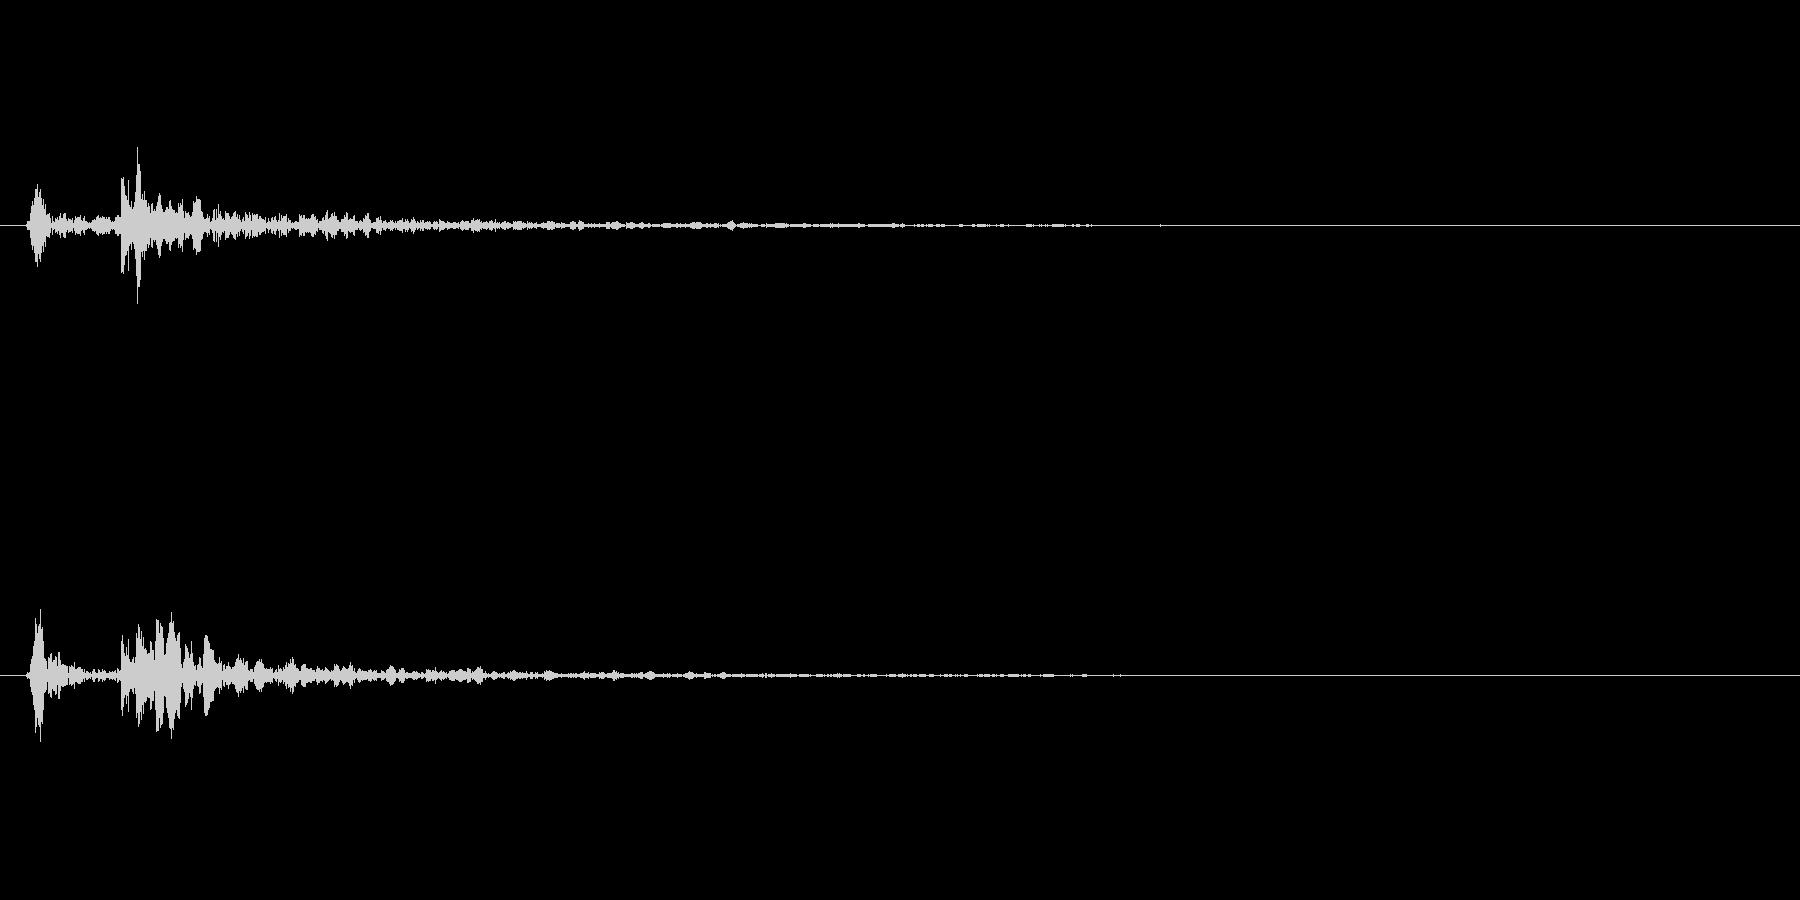 木製のドアを閉める音(エフェクト有り)の未再生の波形